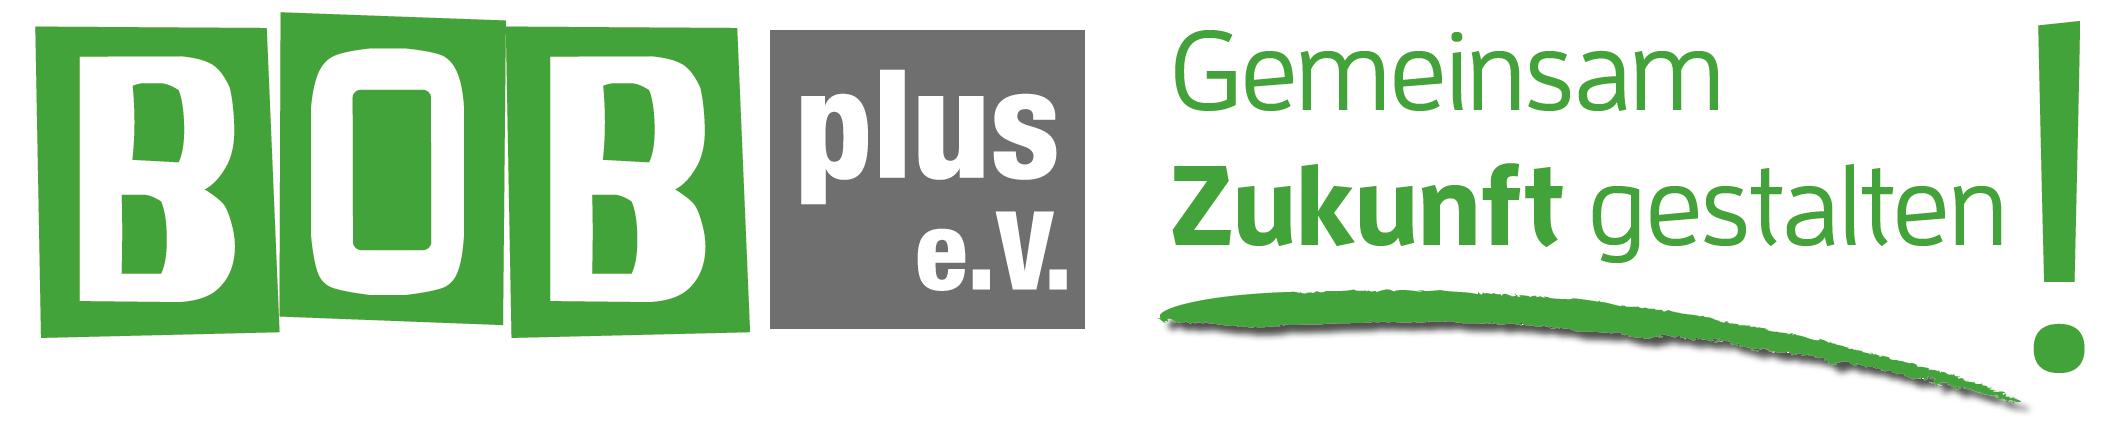 BOBplus e.V. – BerufsOrientierungsBörse